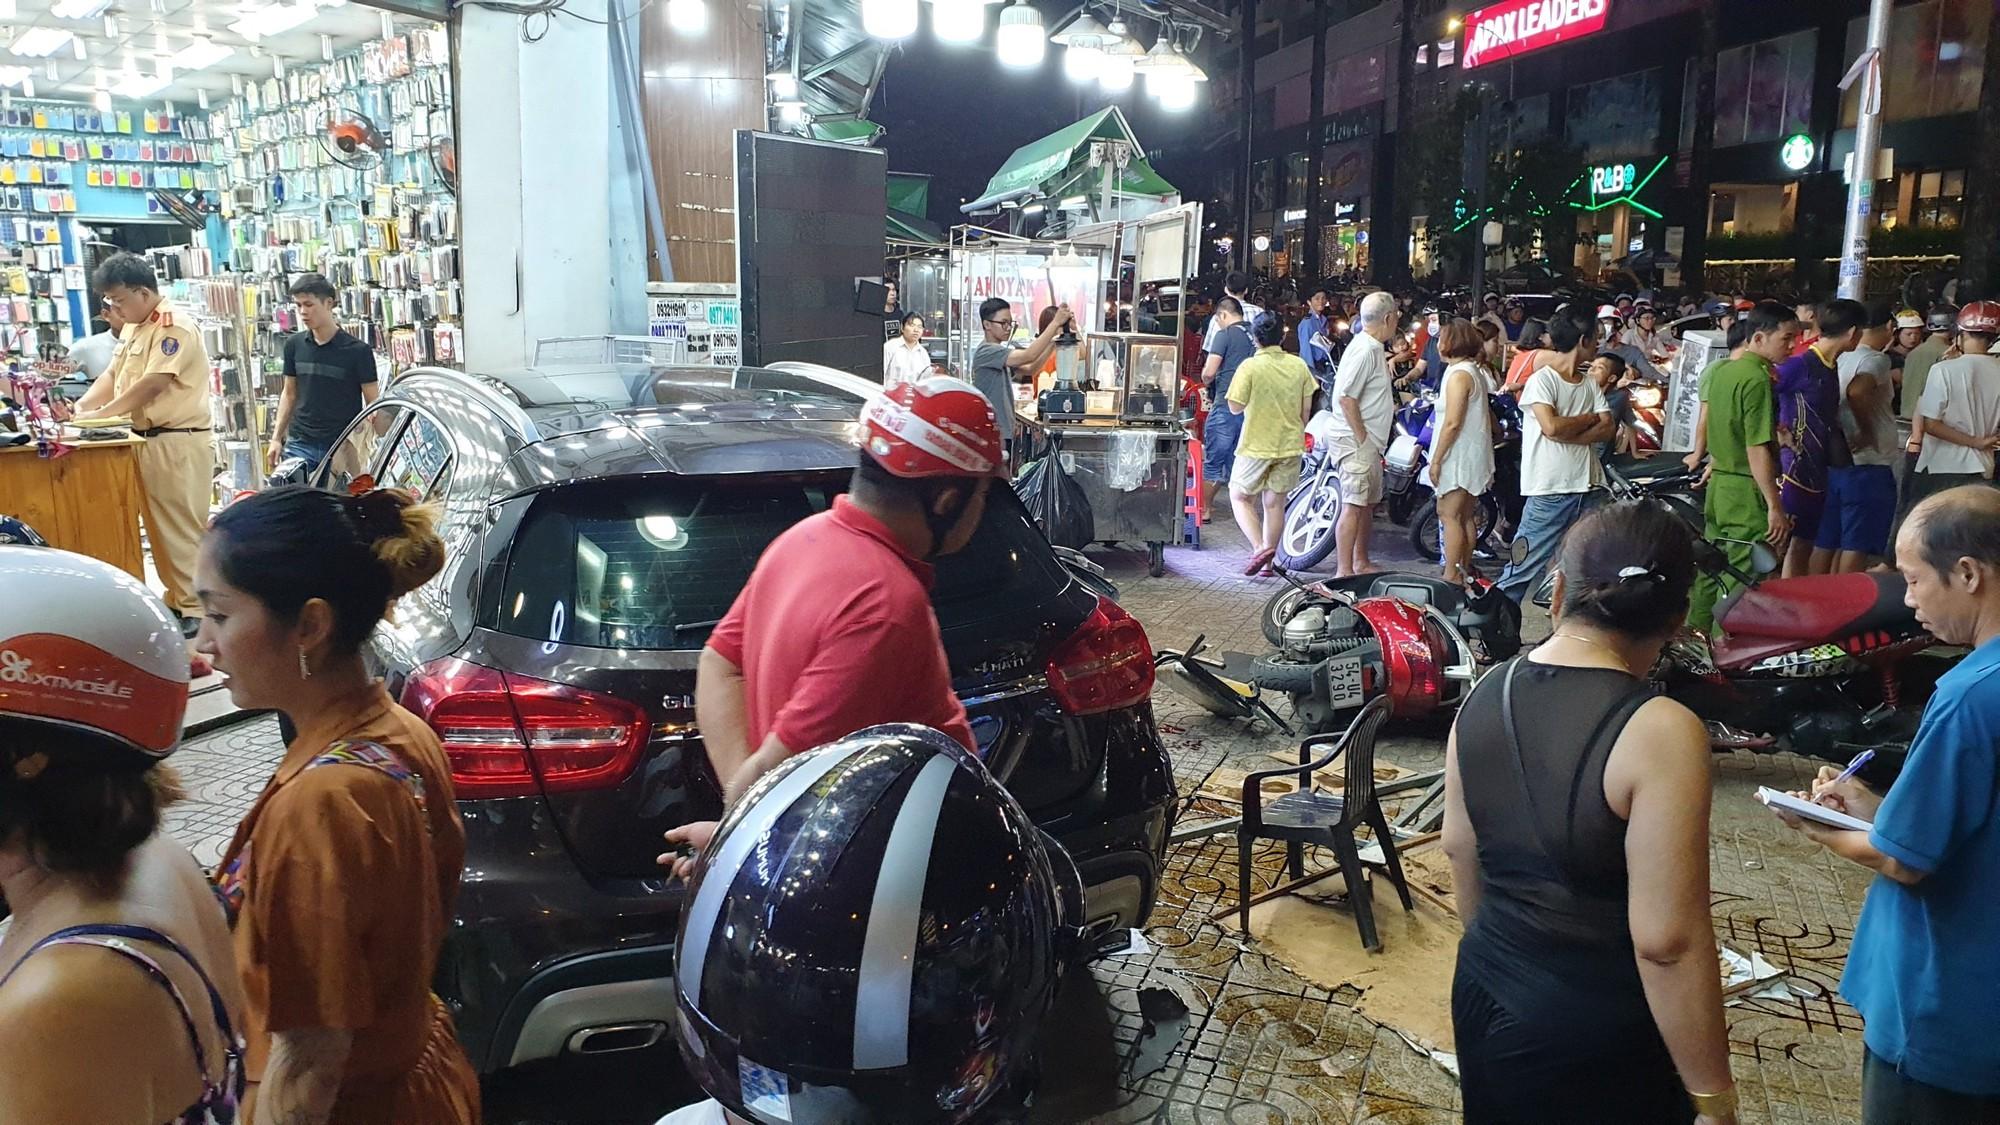 Người dân kể lại lúc nữ tài xế Mercedes tông một loạt xe máy: Cô ấy không say, nhưng chắc đi giày cao gót nên vướng chân ga-6